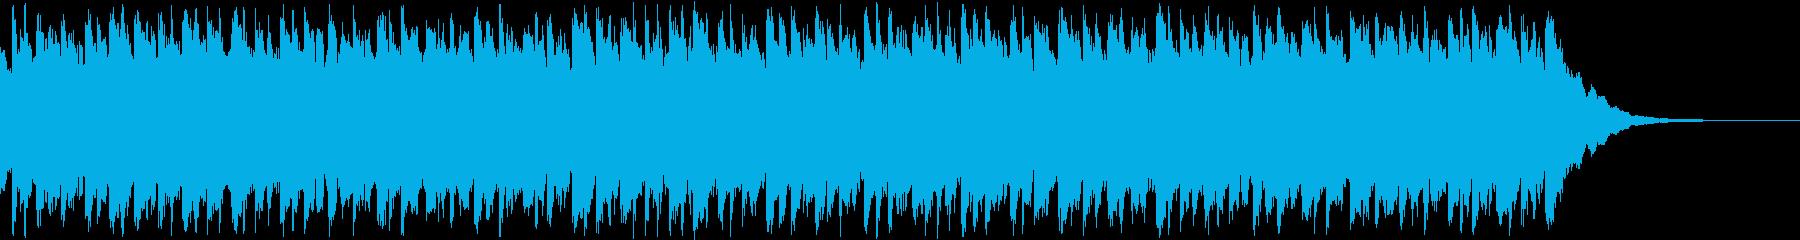 幻想的/ファンタジア/ベル/フィーリングの再生済みの波形